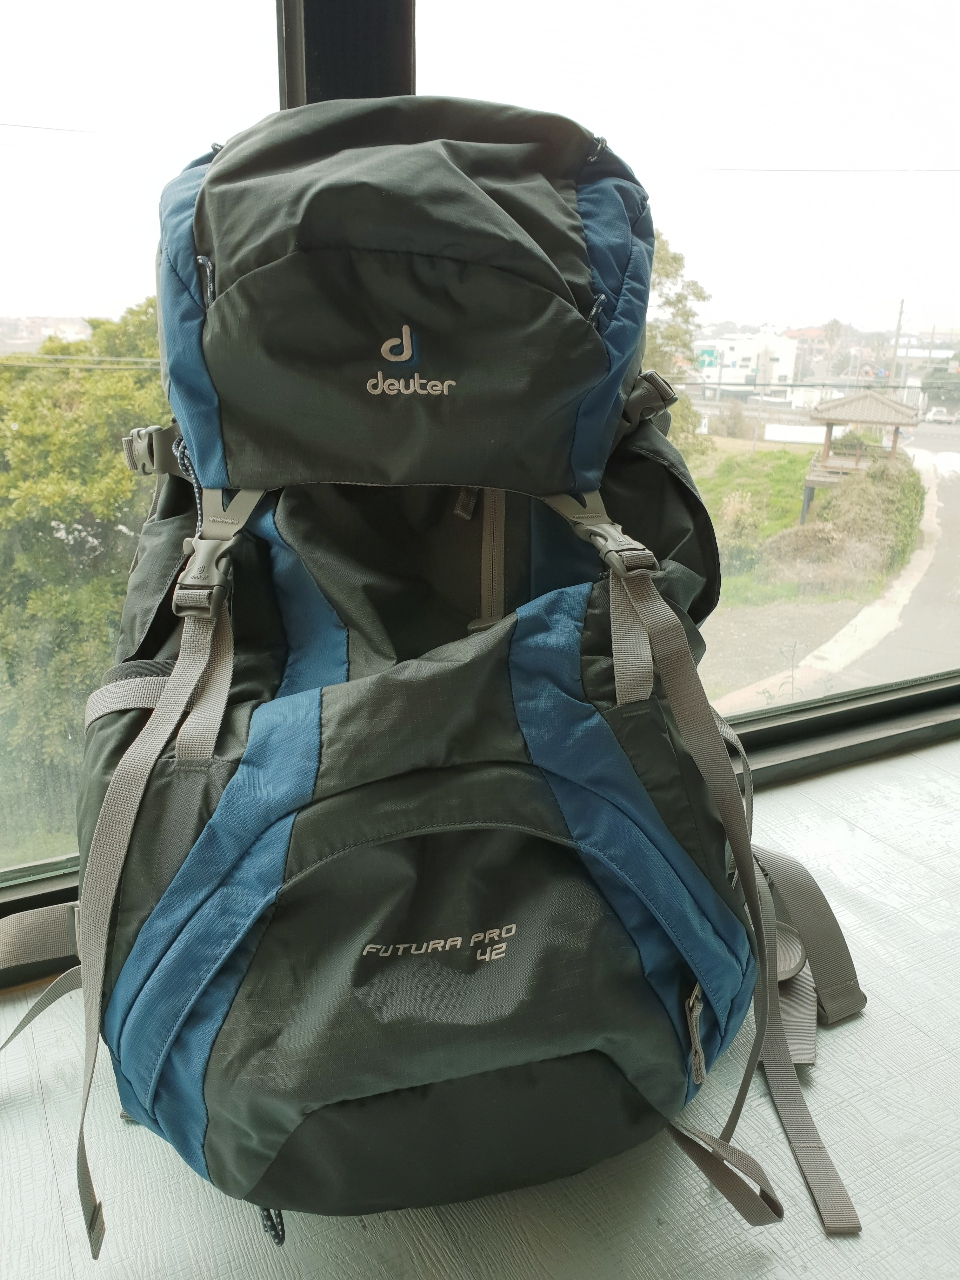 도이터배낭42리터, 등산배낭, 여행배낭